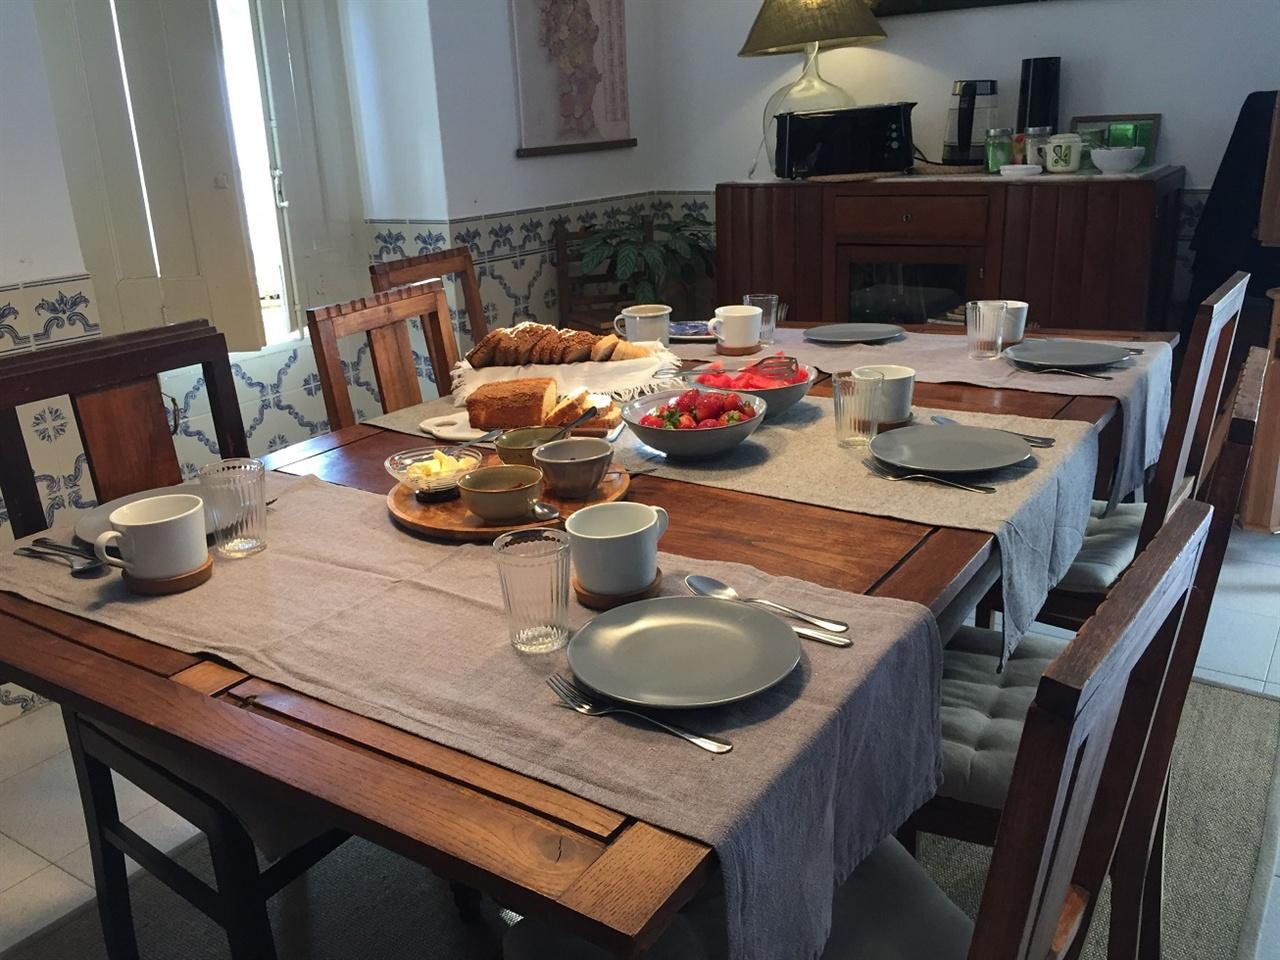 숙소 주인장의 정성스러운 아침 식탁 너무도 예쁜 식탁에 정성스러운 아침식사가 준비되어 있어요. 미국, 캐나다, 독일에서 온 친구들과 함께 서로의 여행을 나눴습니다. 행복한 시간이네요.